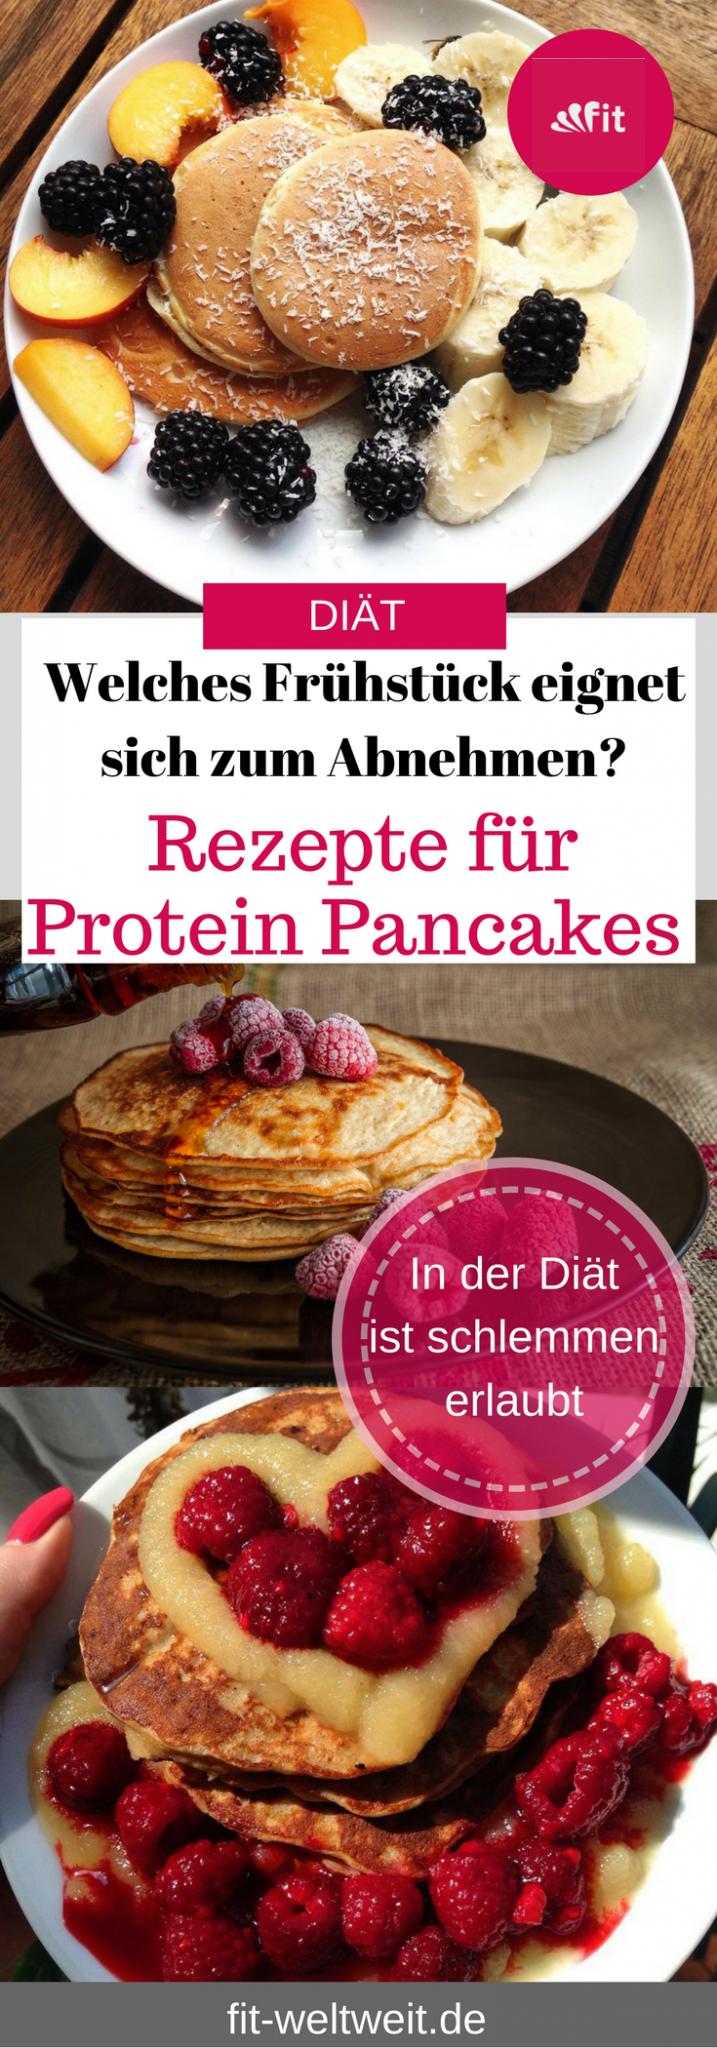 Rezepte für HCG Protein Pancakes (Stoffwechselkur und Abnehmen geeignet)